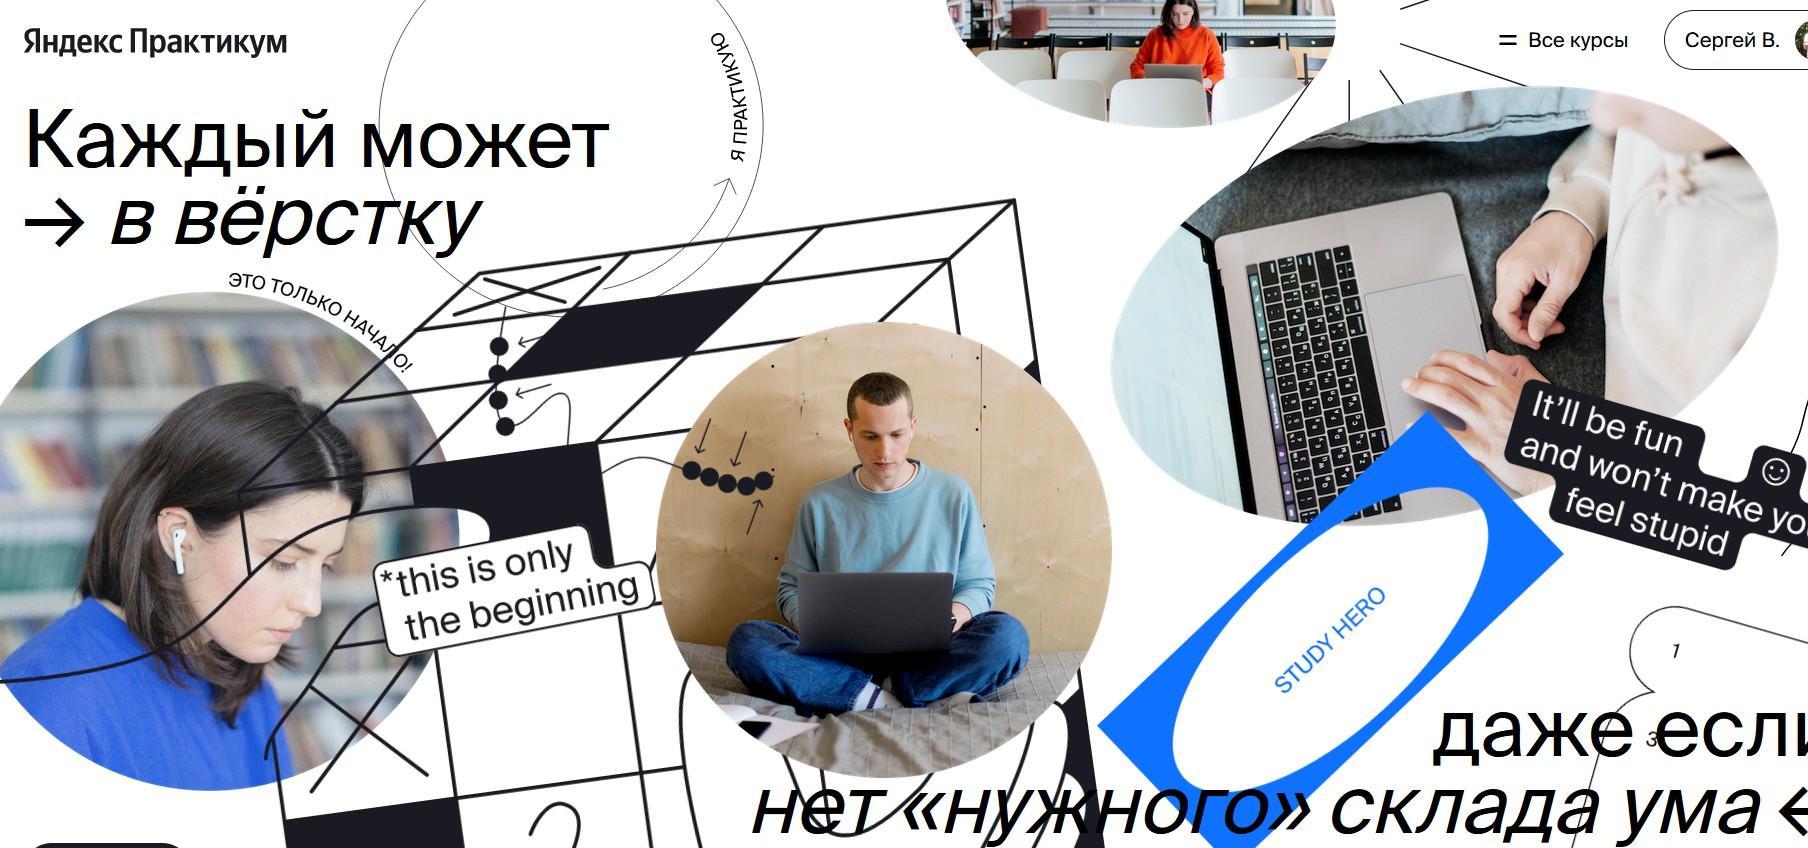 Яндекс Практикум 7